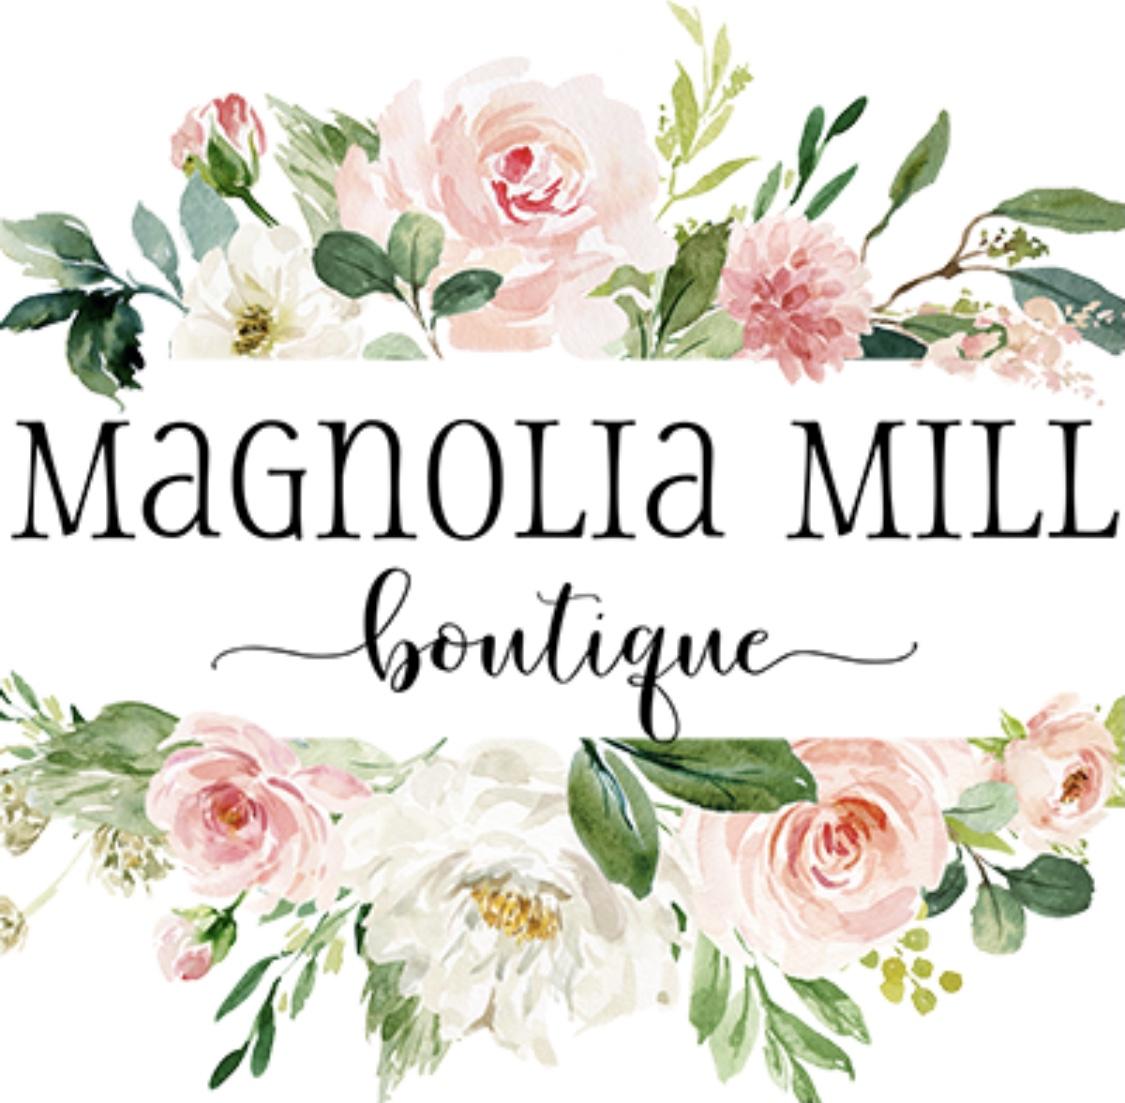 Magnolia Mill Boutique Logo